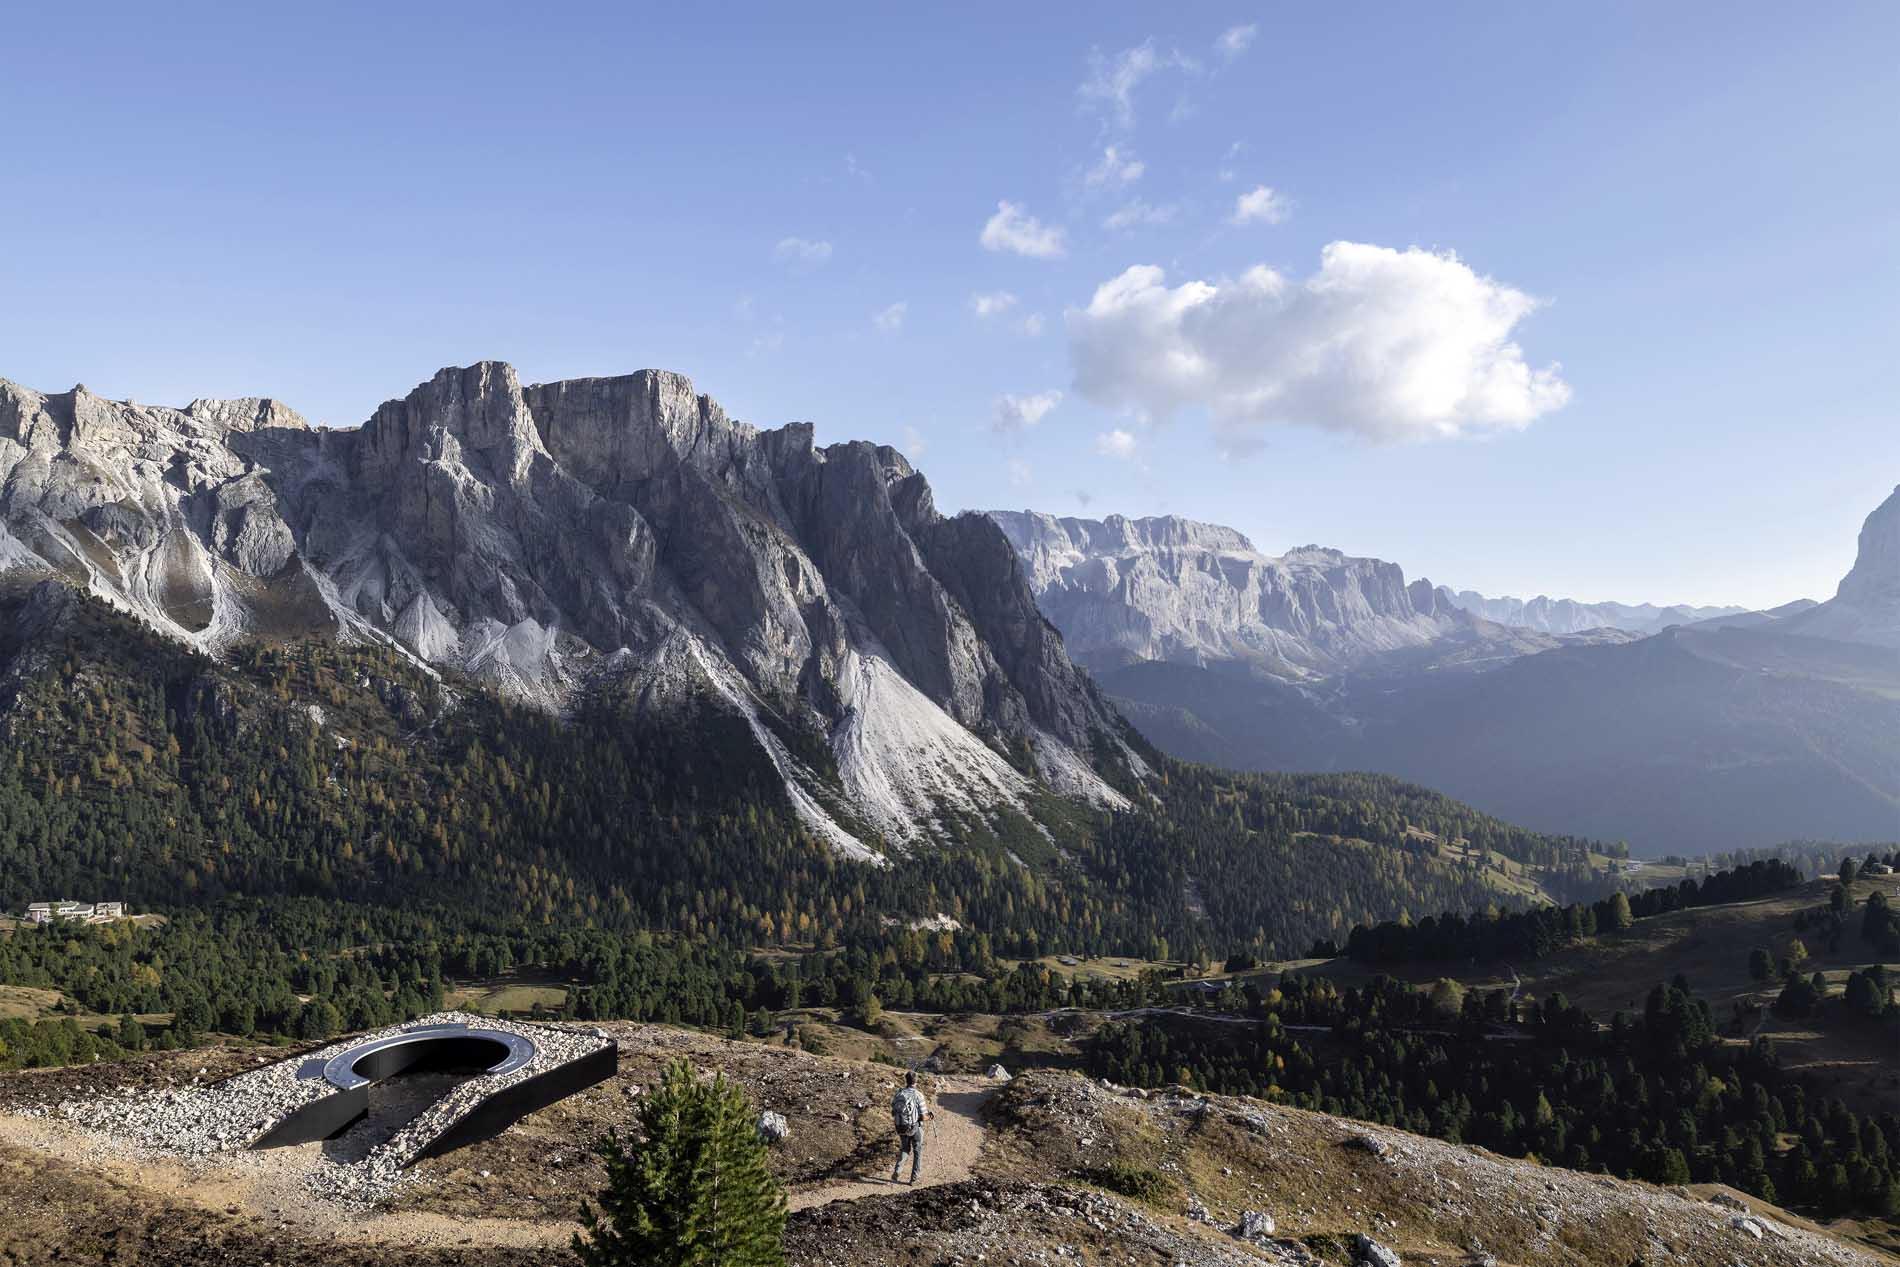 Dolomiti patrimonio naturale dell'umanità Unesco